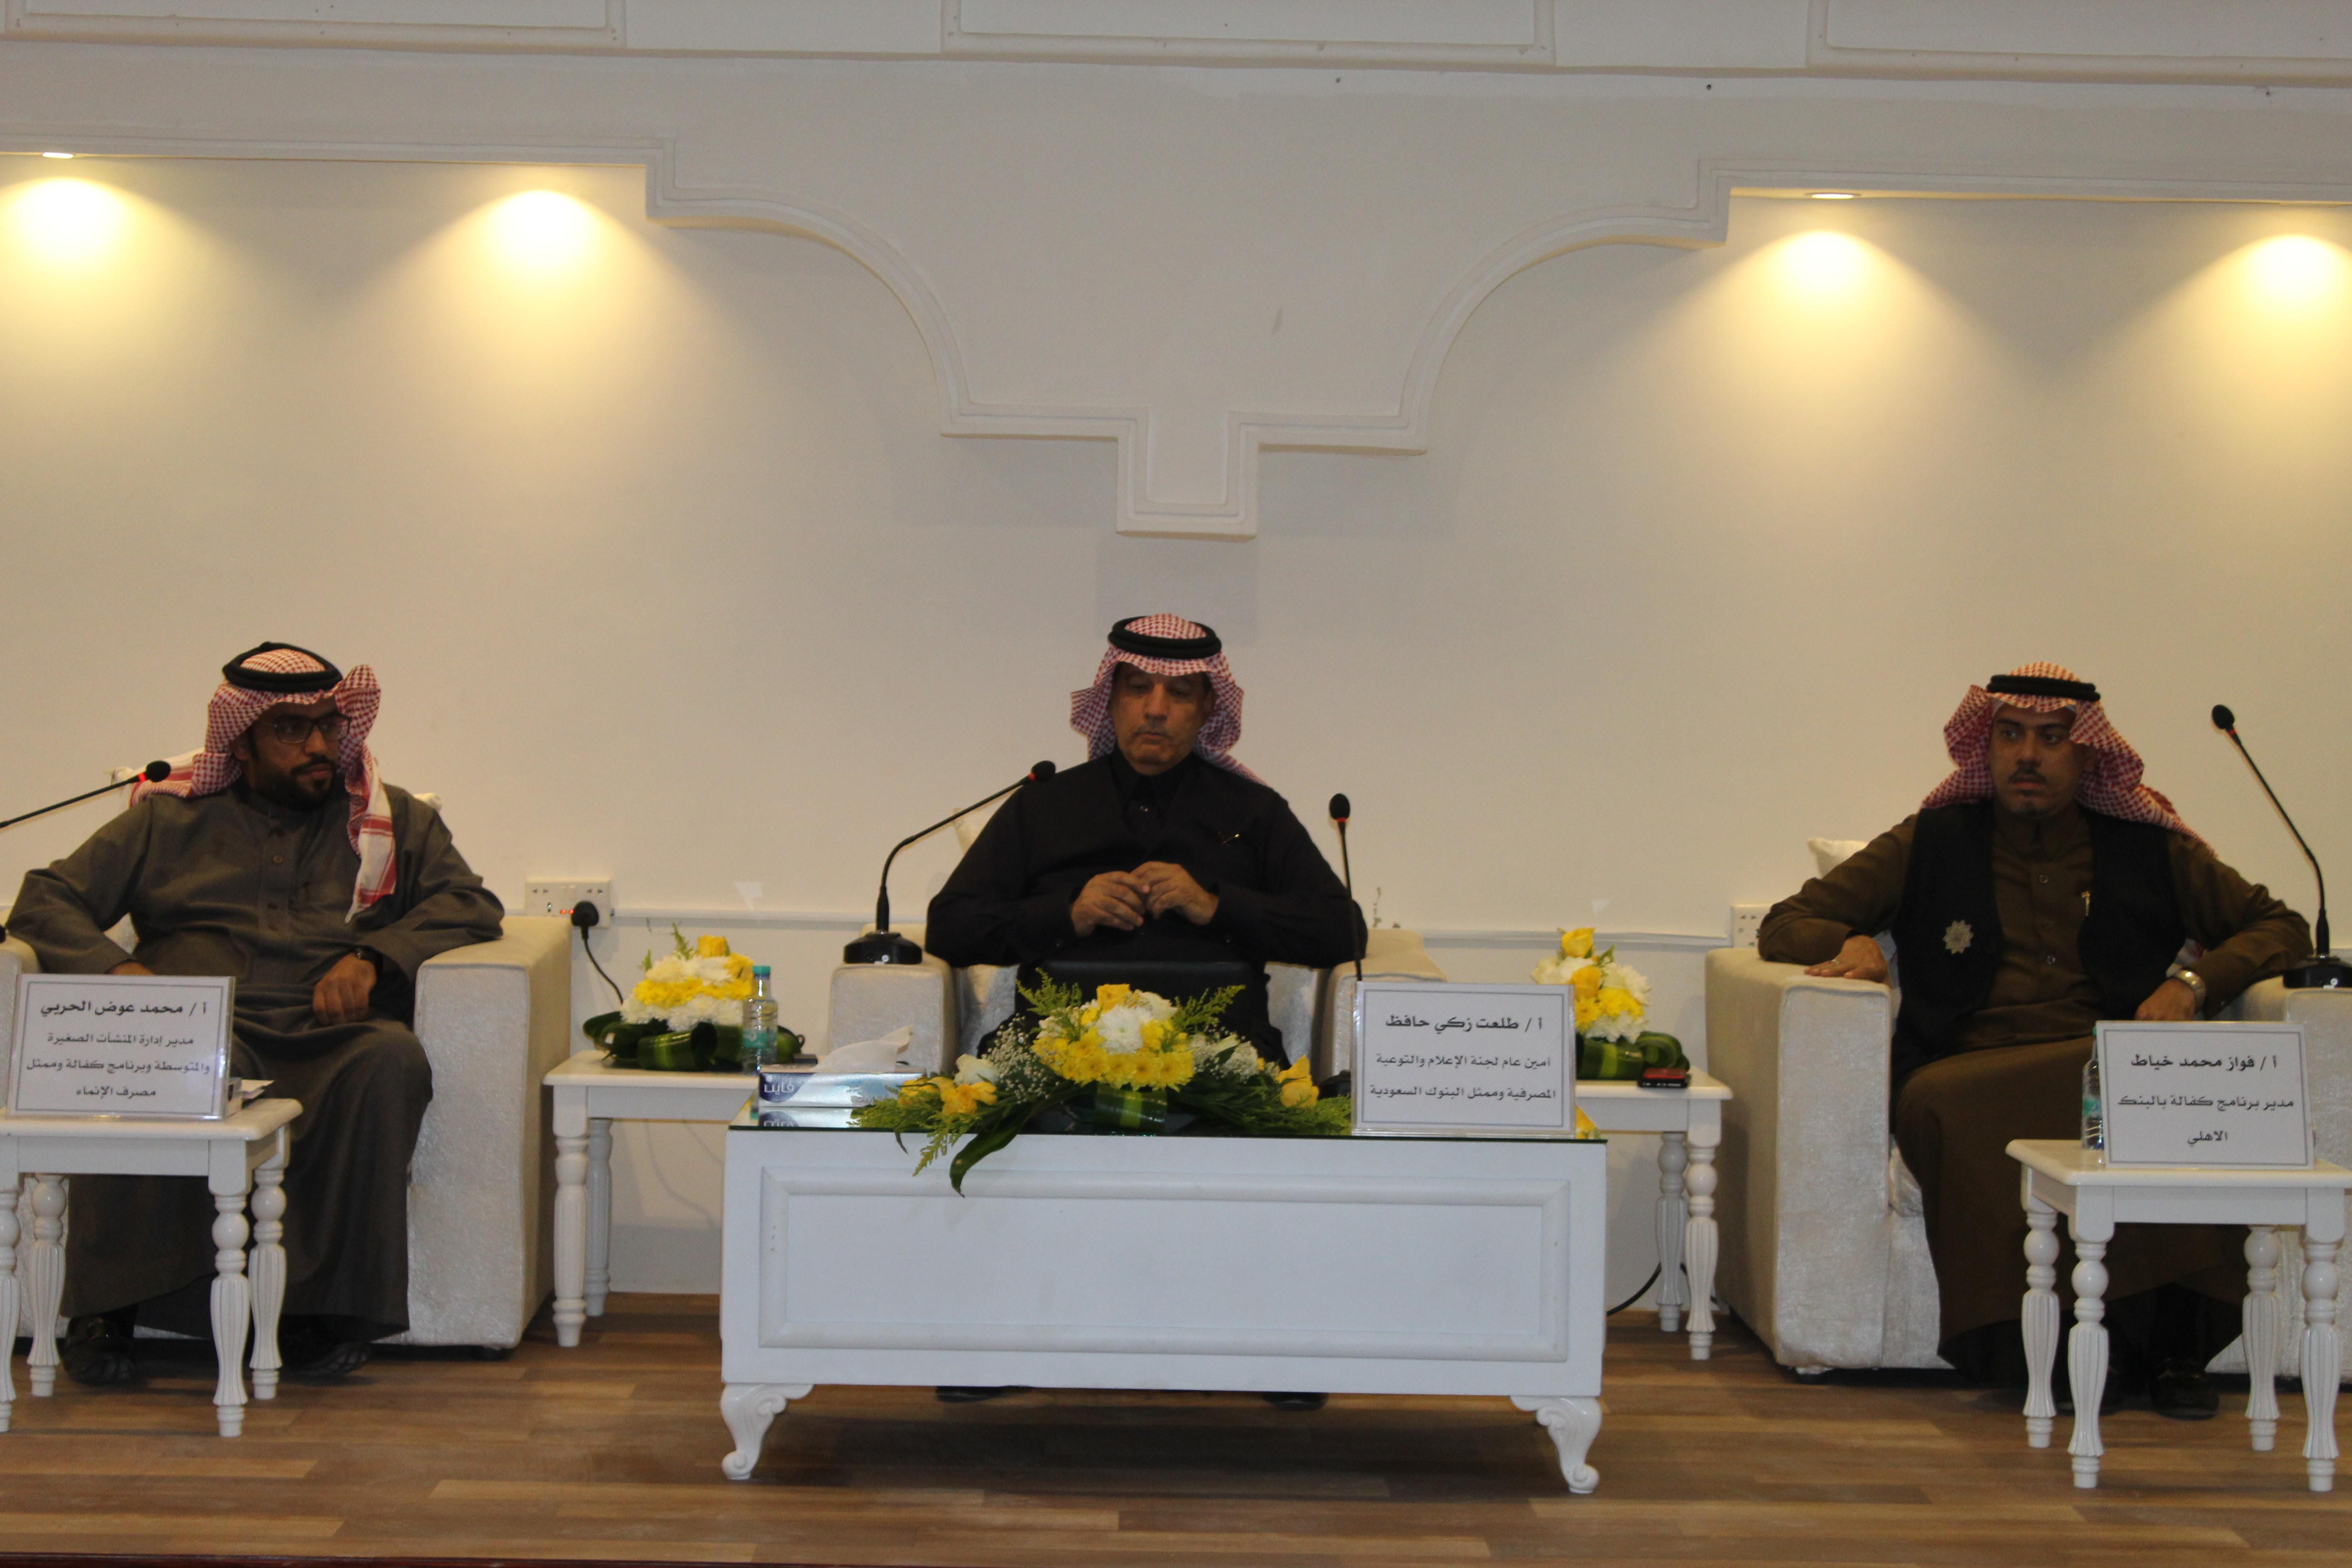 محاضرة بعنوان (دور البنوك السعودية في دعم المنشآت الصغيرة والمتوسطة)